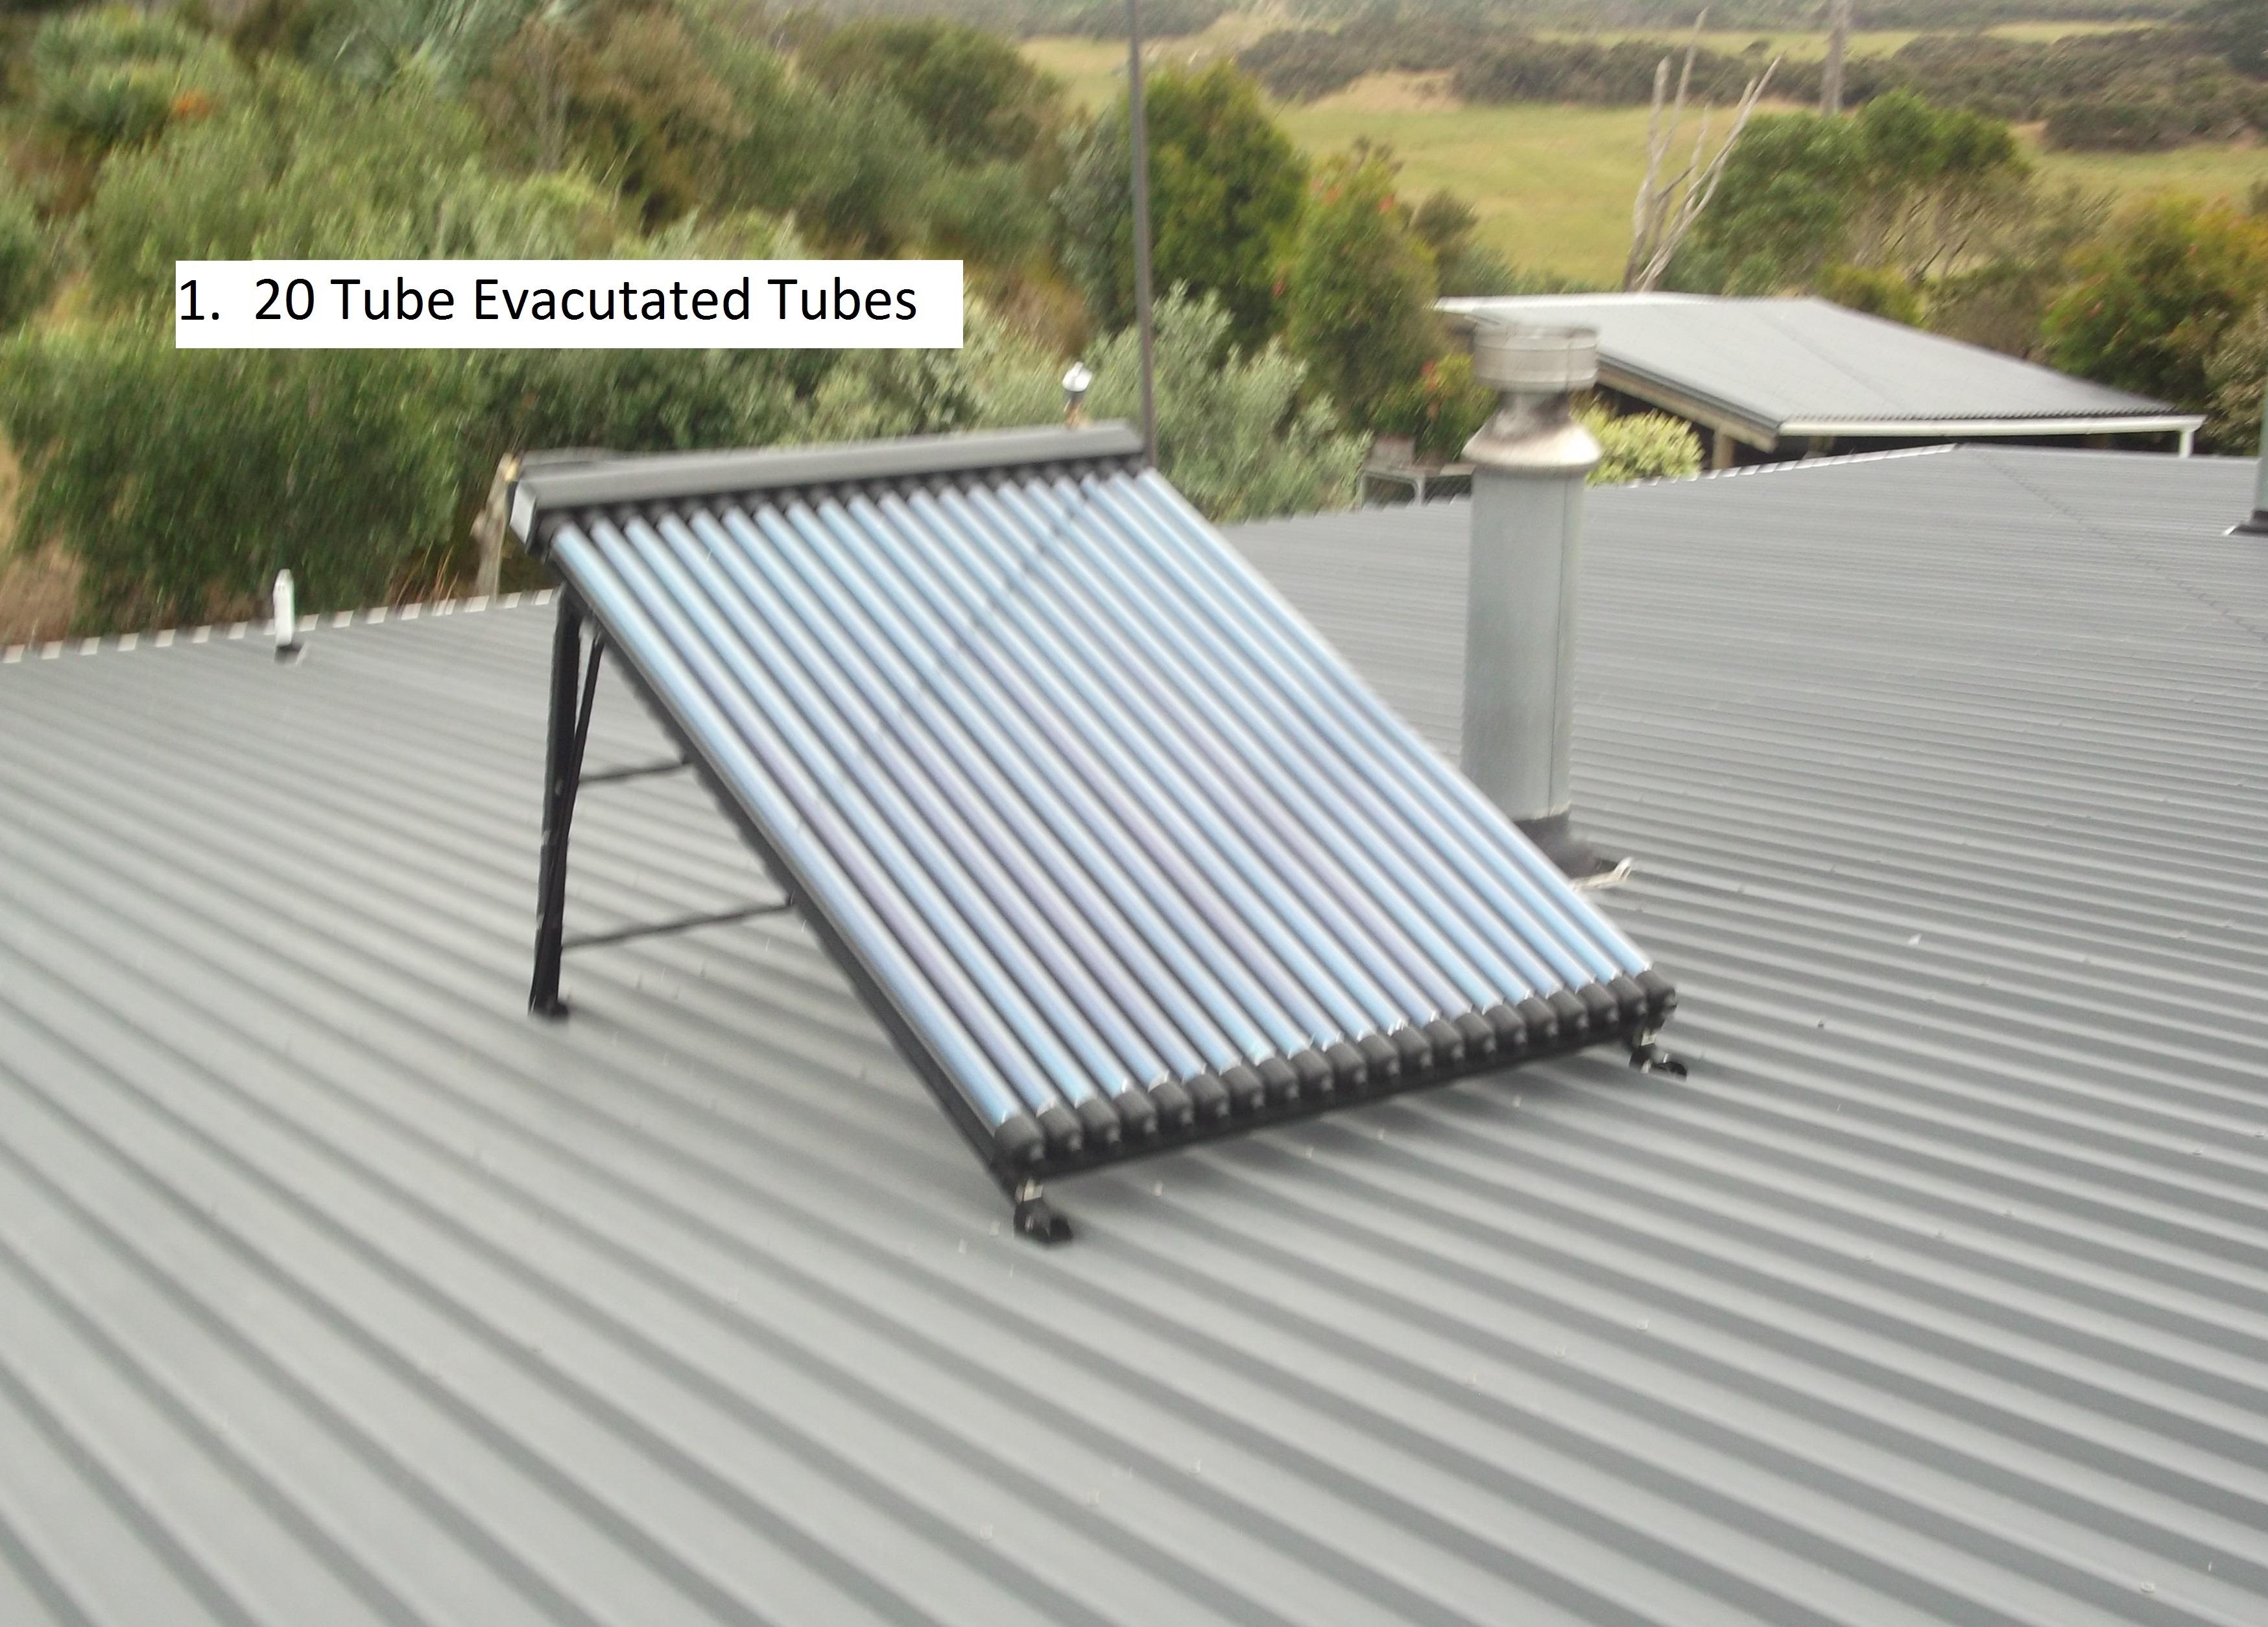 20 tube evacuated tubes installed 29.11.